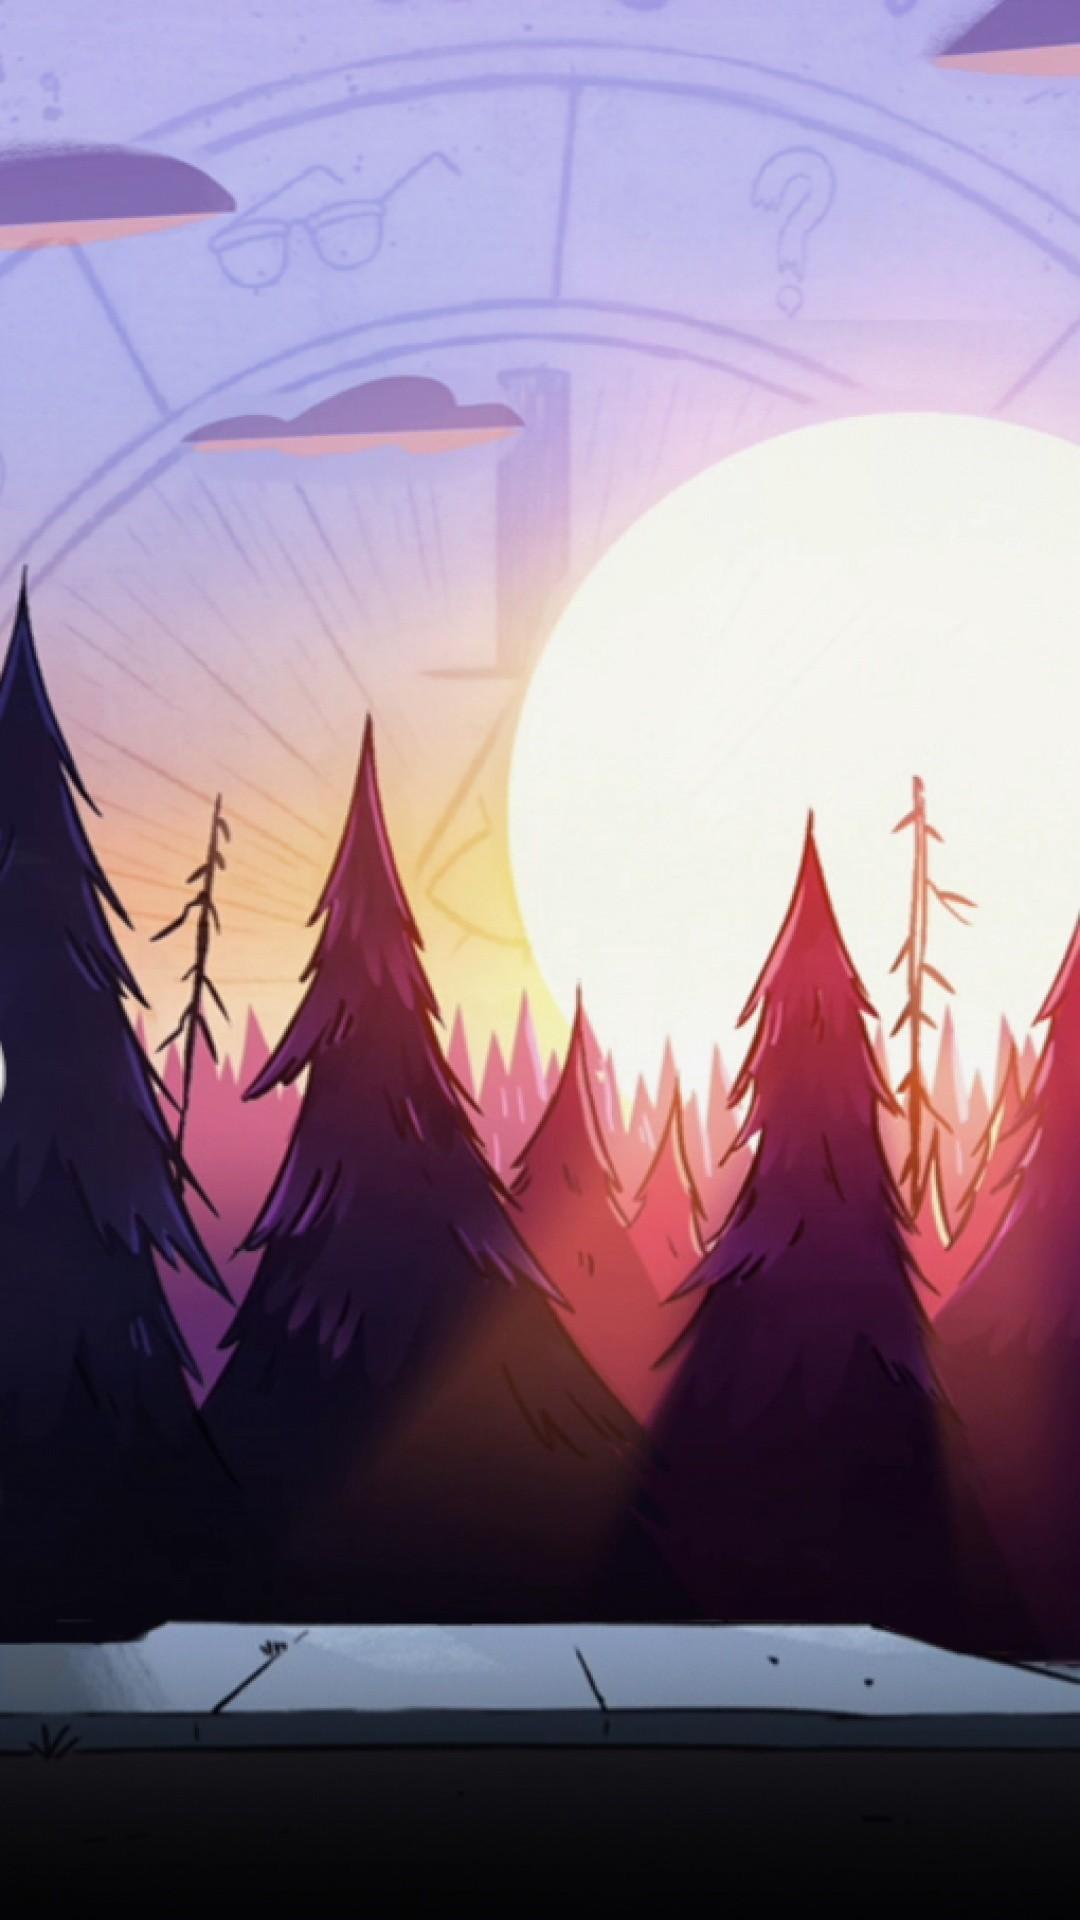 Gravity Falls Dipper Pines Wallpaper 73 Images